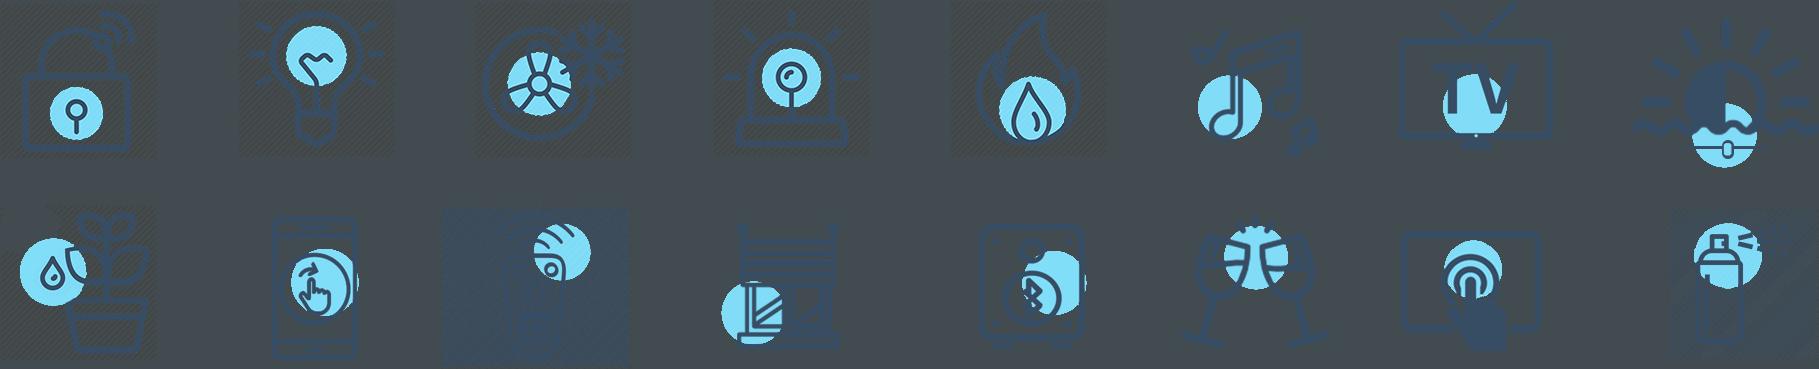 icon smart home